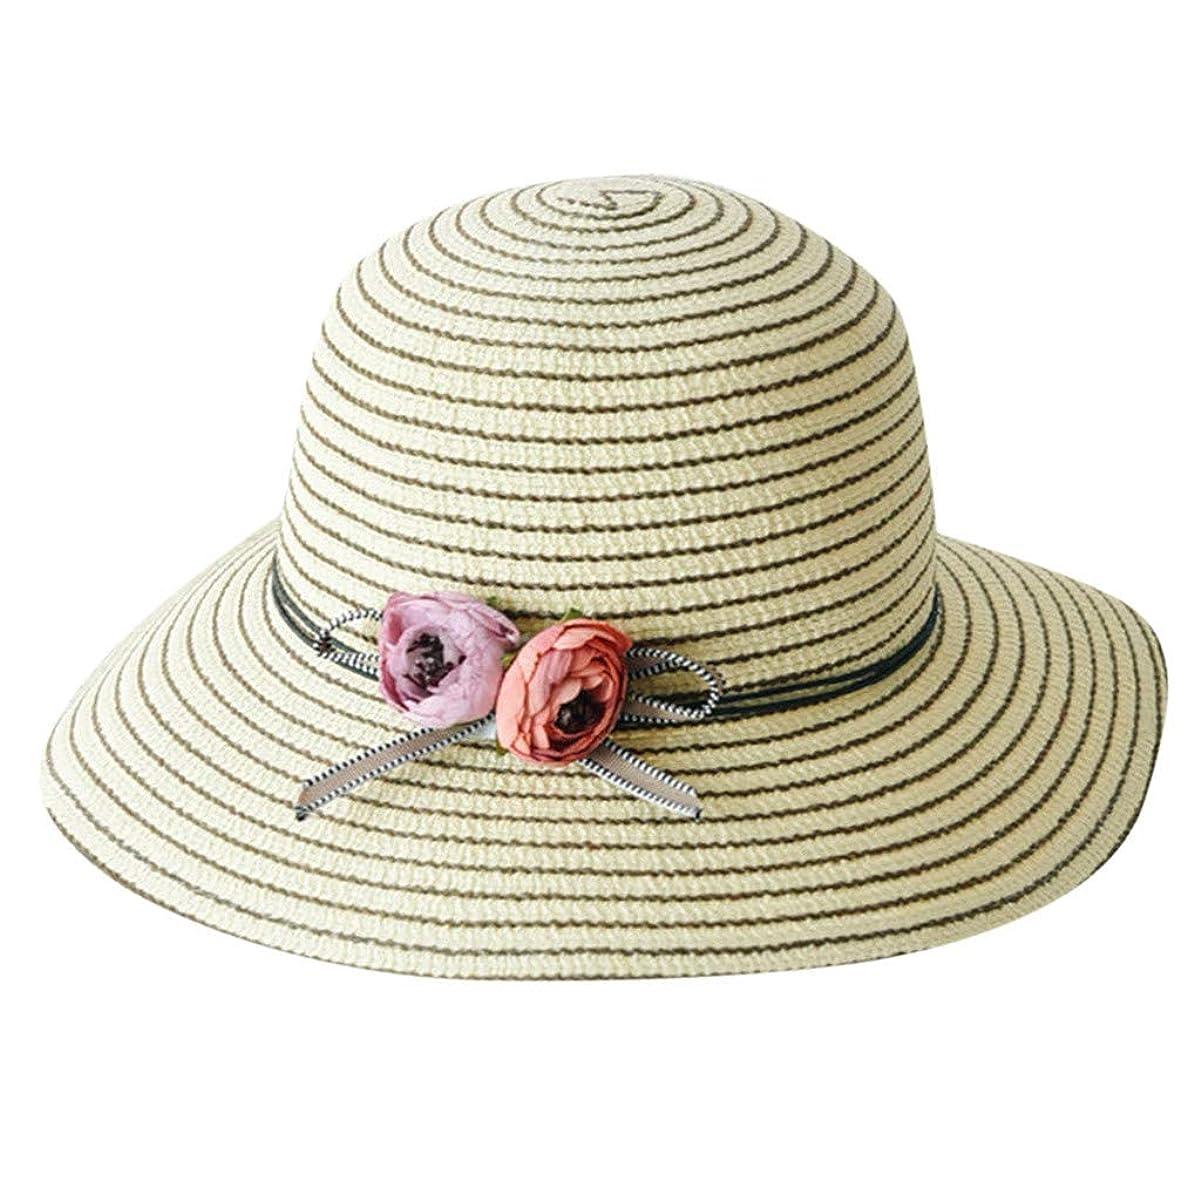 観点行くスポーツの試合を担当している人帽子 レディース 漁師帽 夏 UVカット 帽子 綿糸 ハット レディース 紫外線100%カット UV ハット 可愛い 小顔効果抜群 日よけ 折りたたみ つば広 小顔効果抜群 折りたたみ 海 旅行 ROSE ROMAN